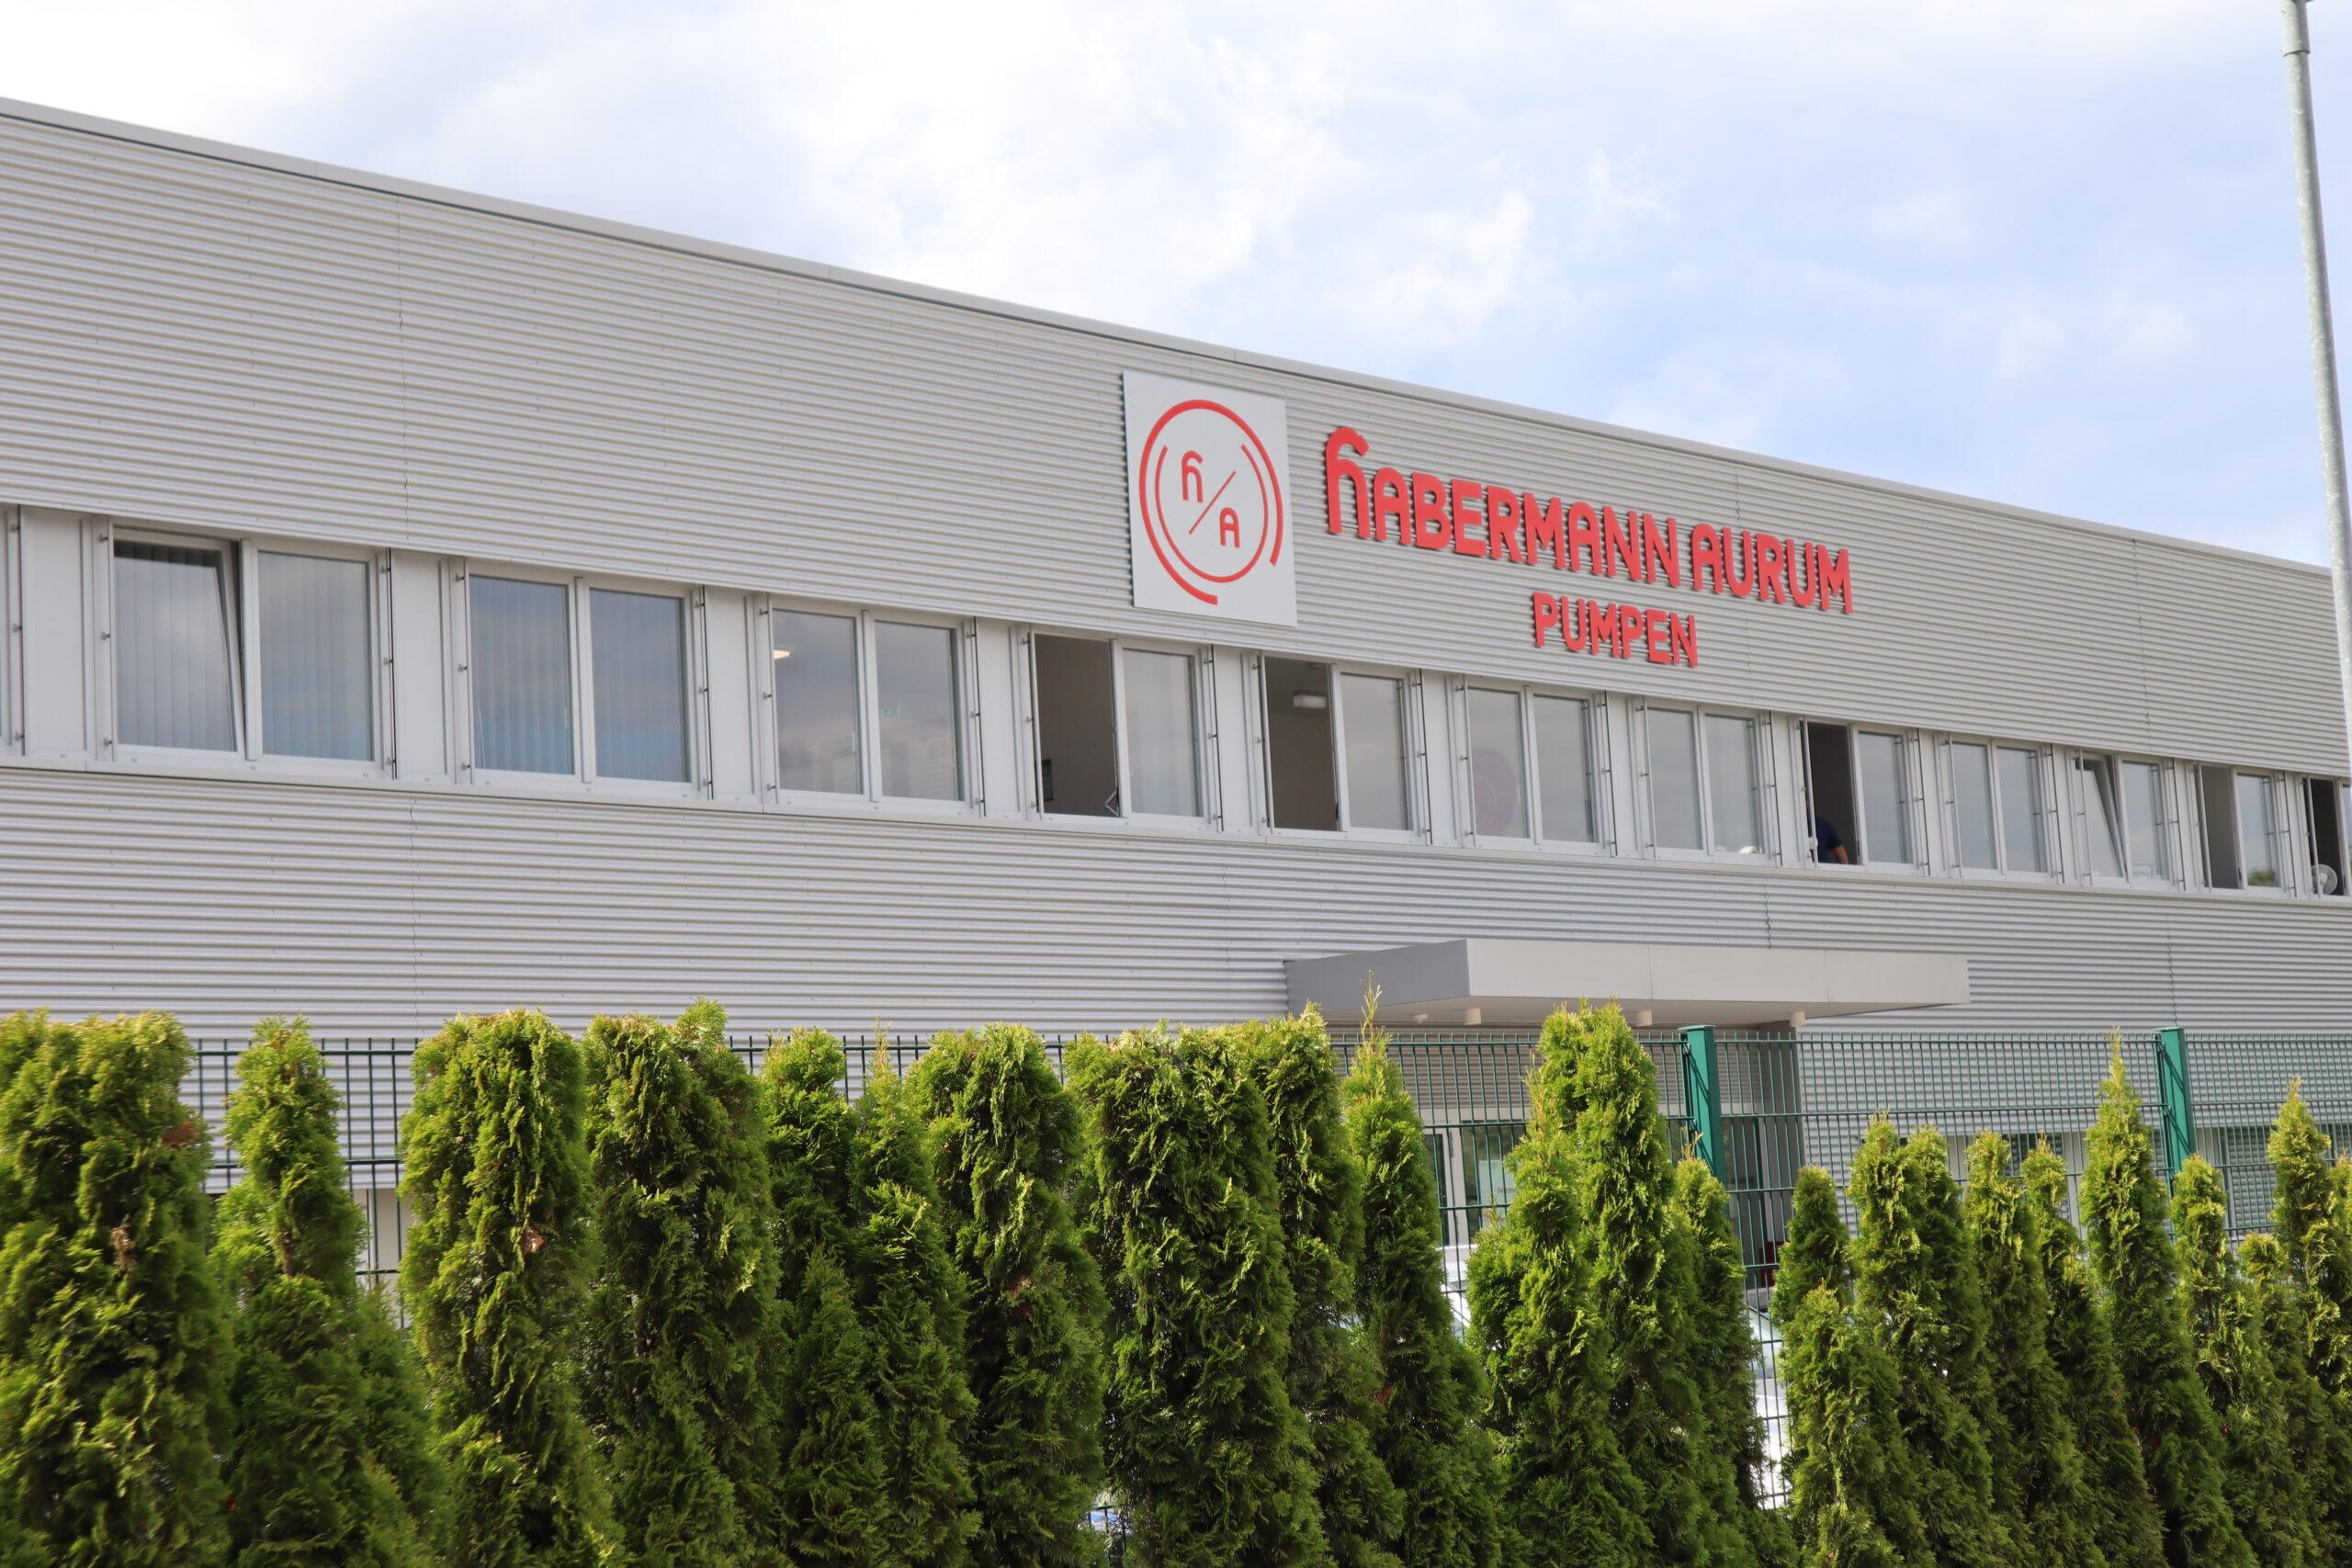 Habermann Aurum Pumpen